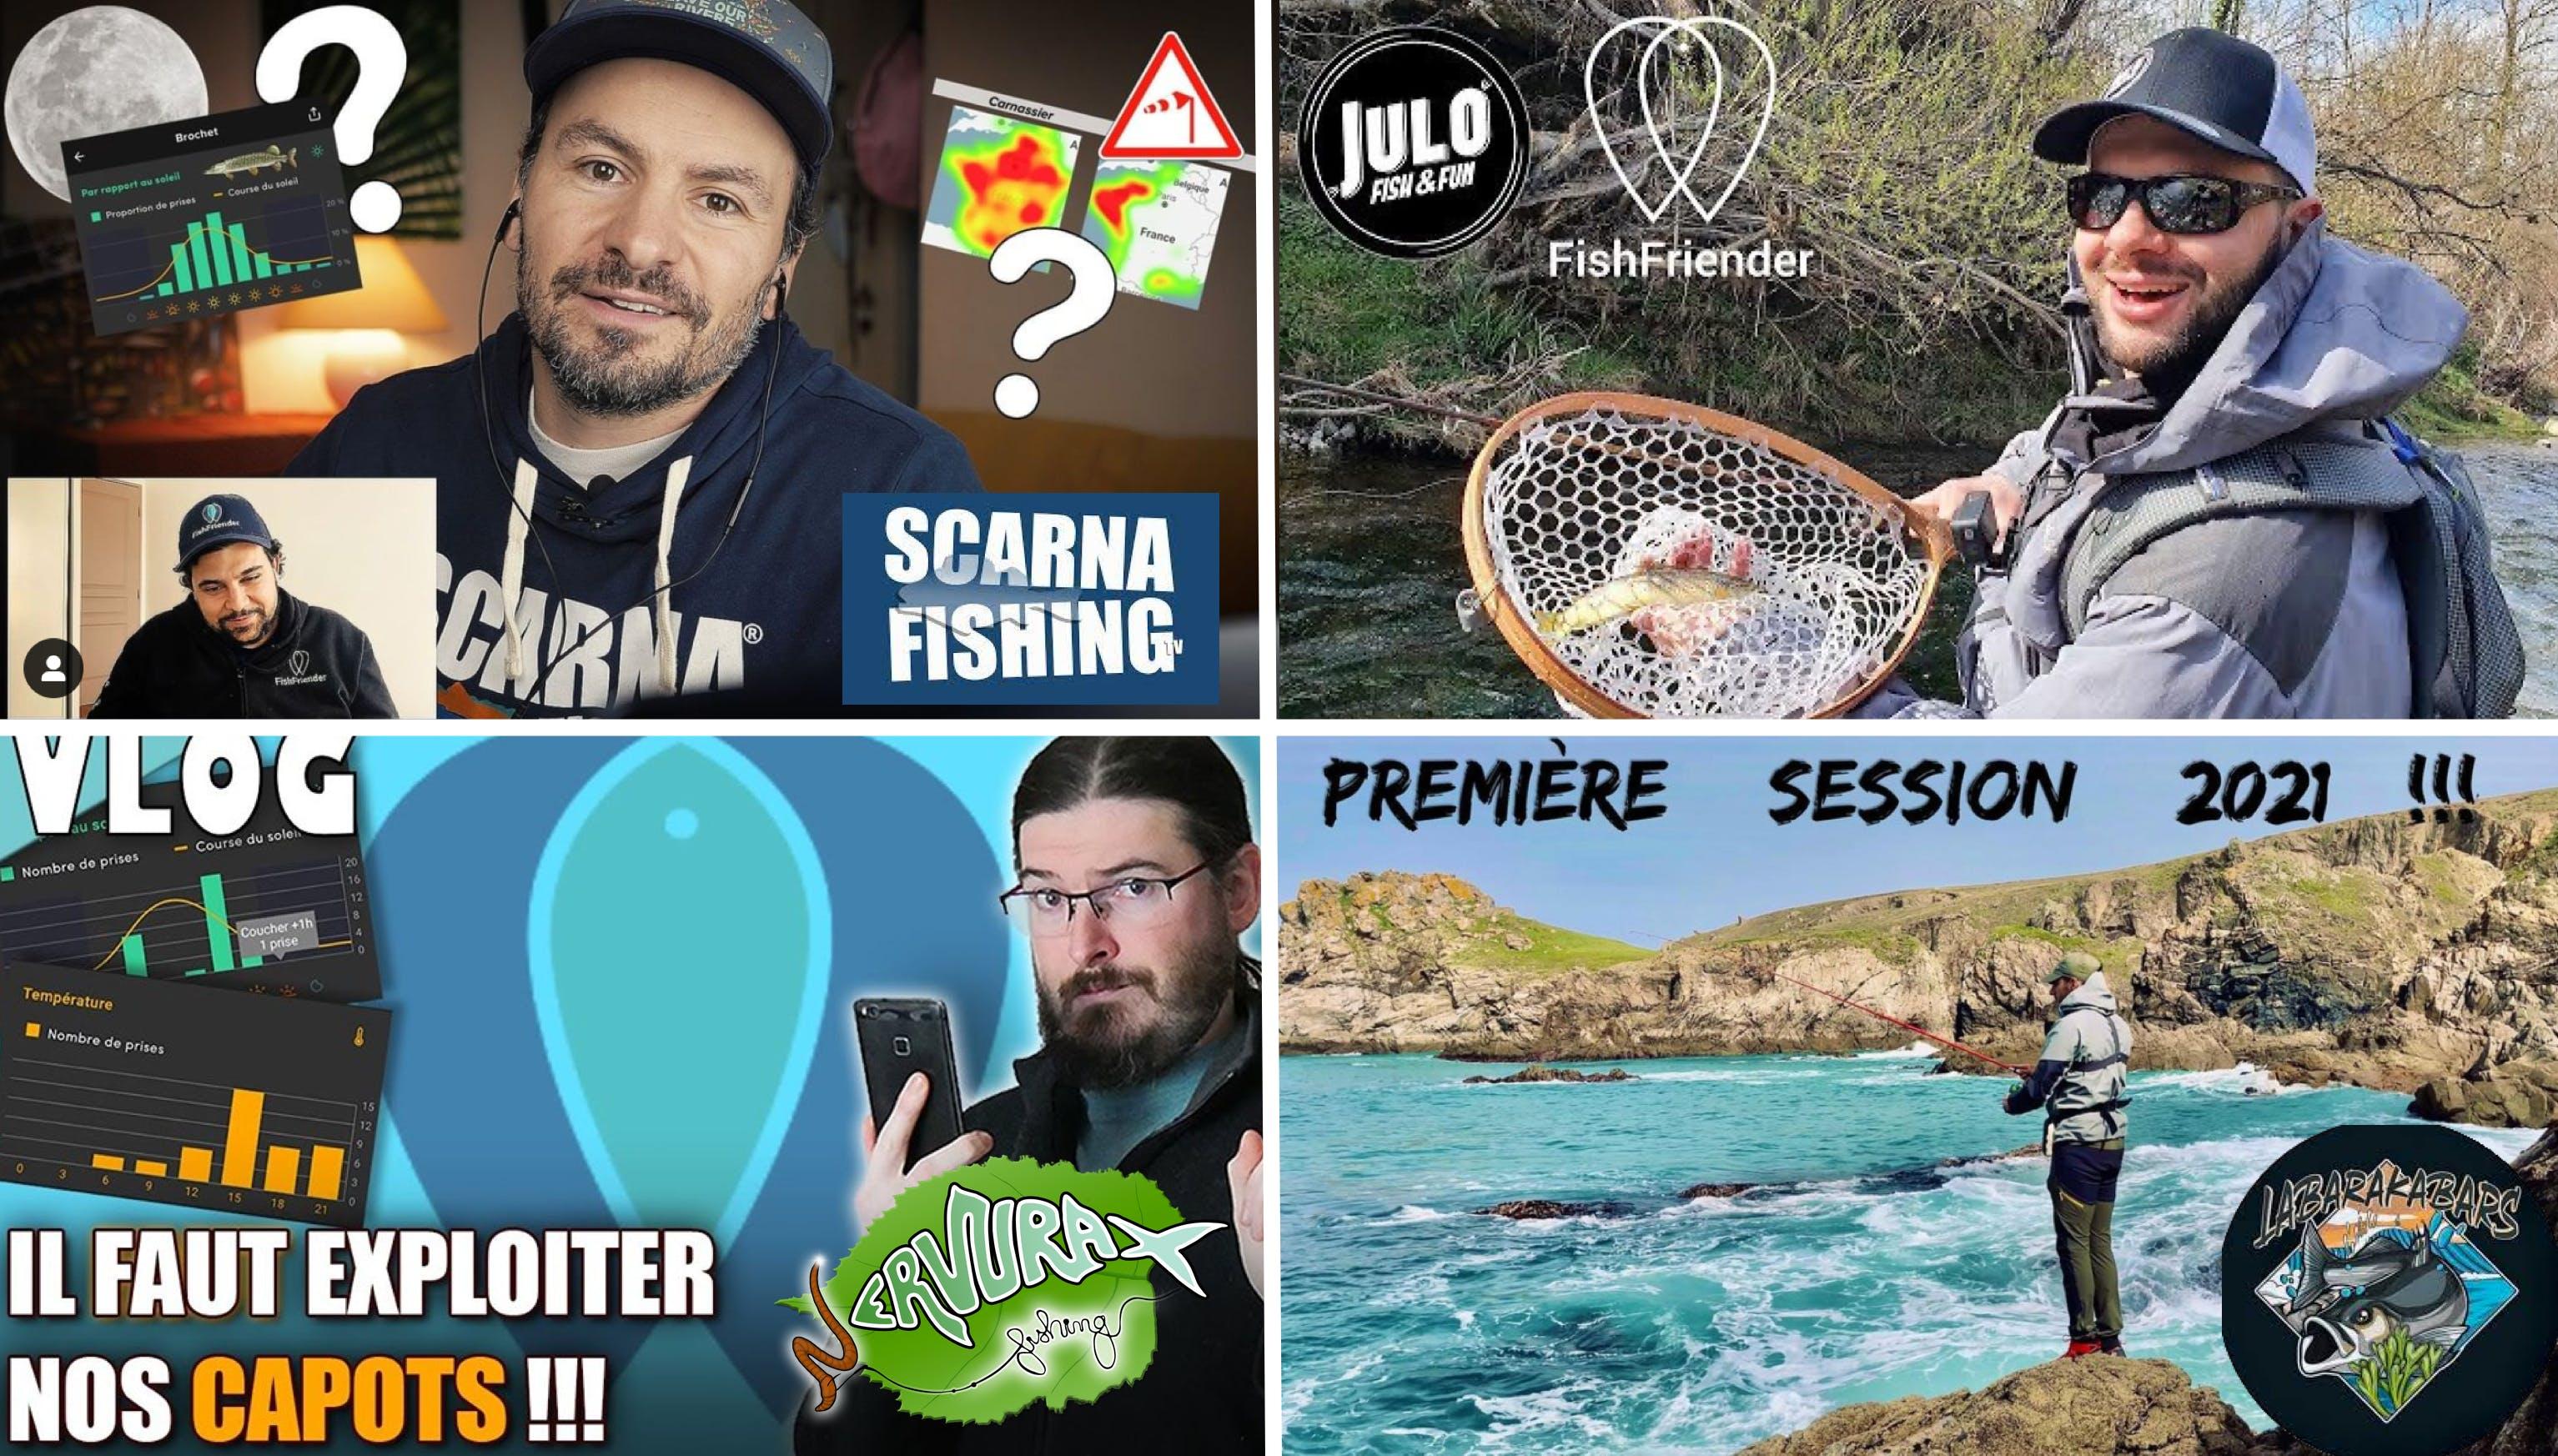 Comment les Youtubeurs utilisent FishFriender ?